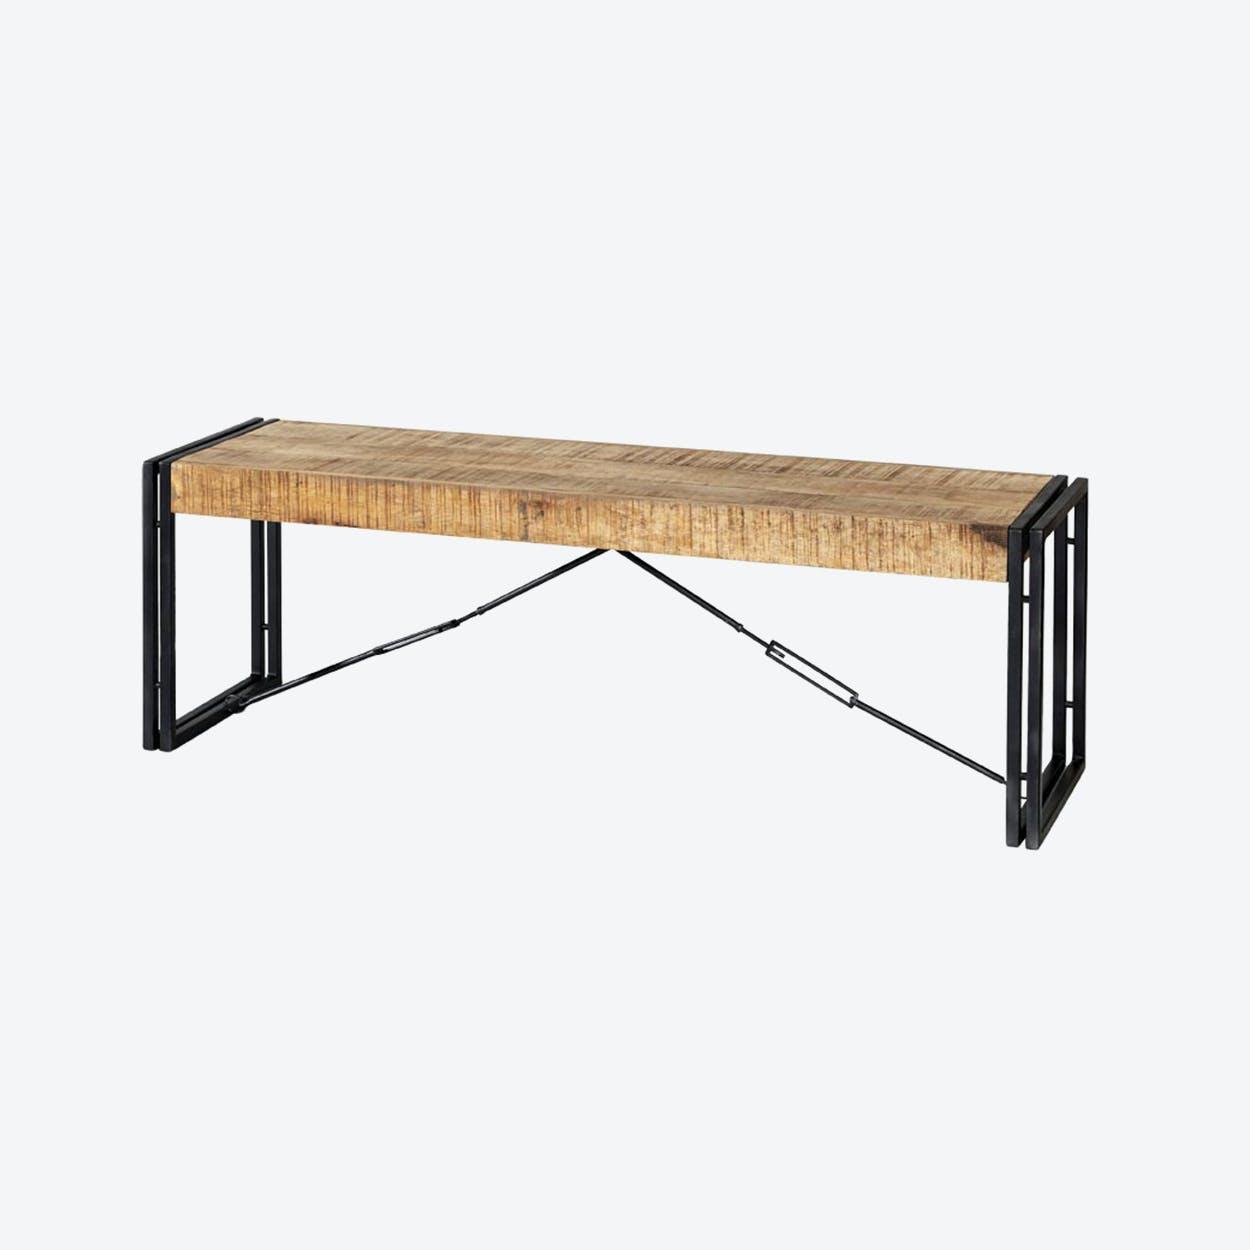 Mango Wood Metal & Wood Bench